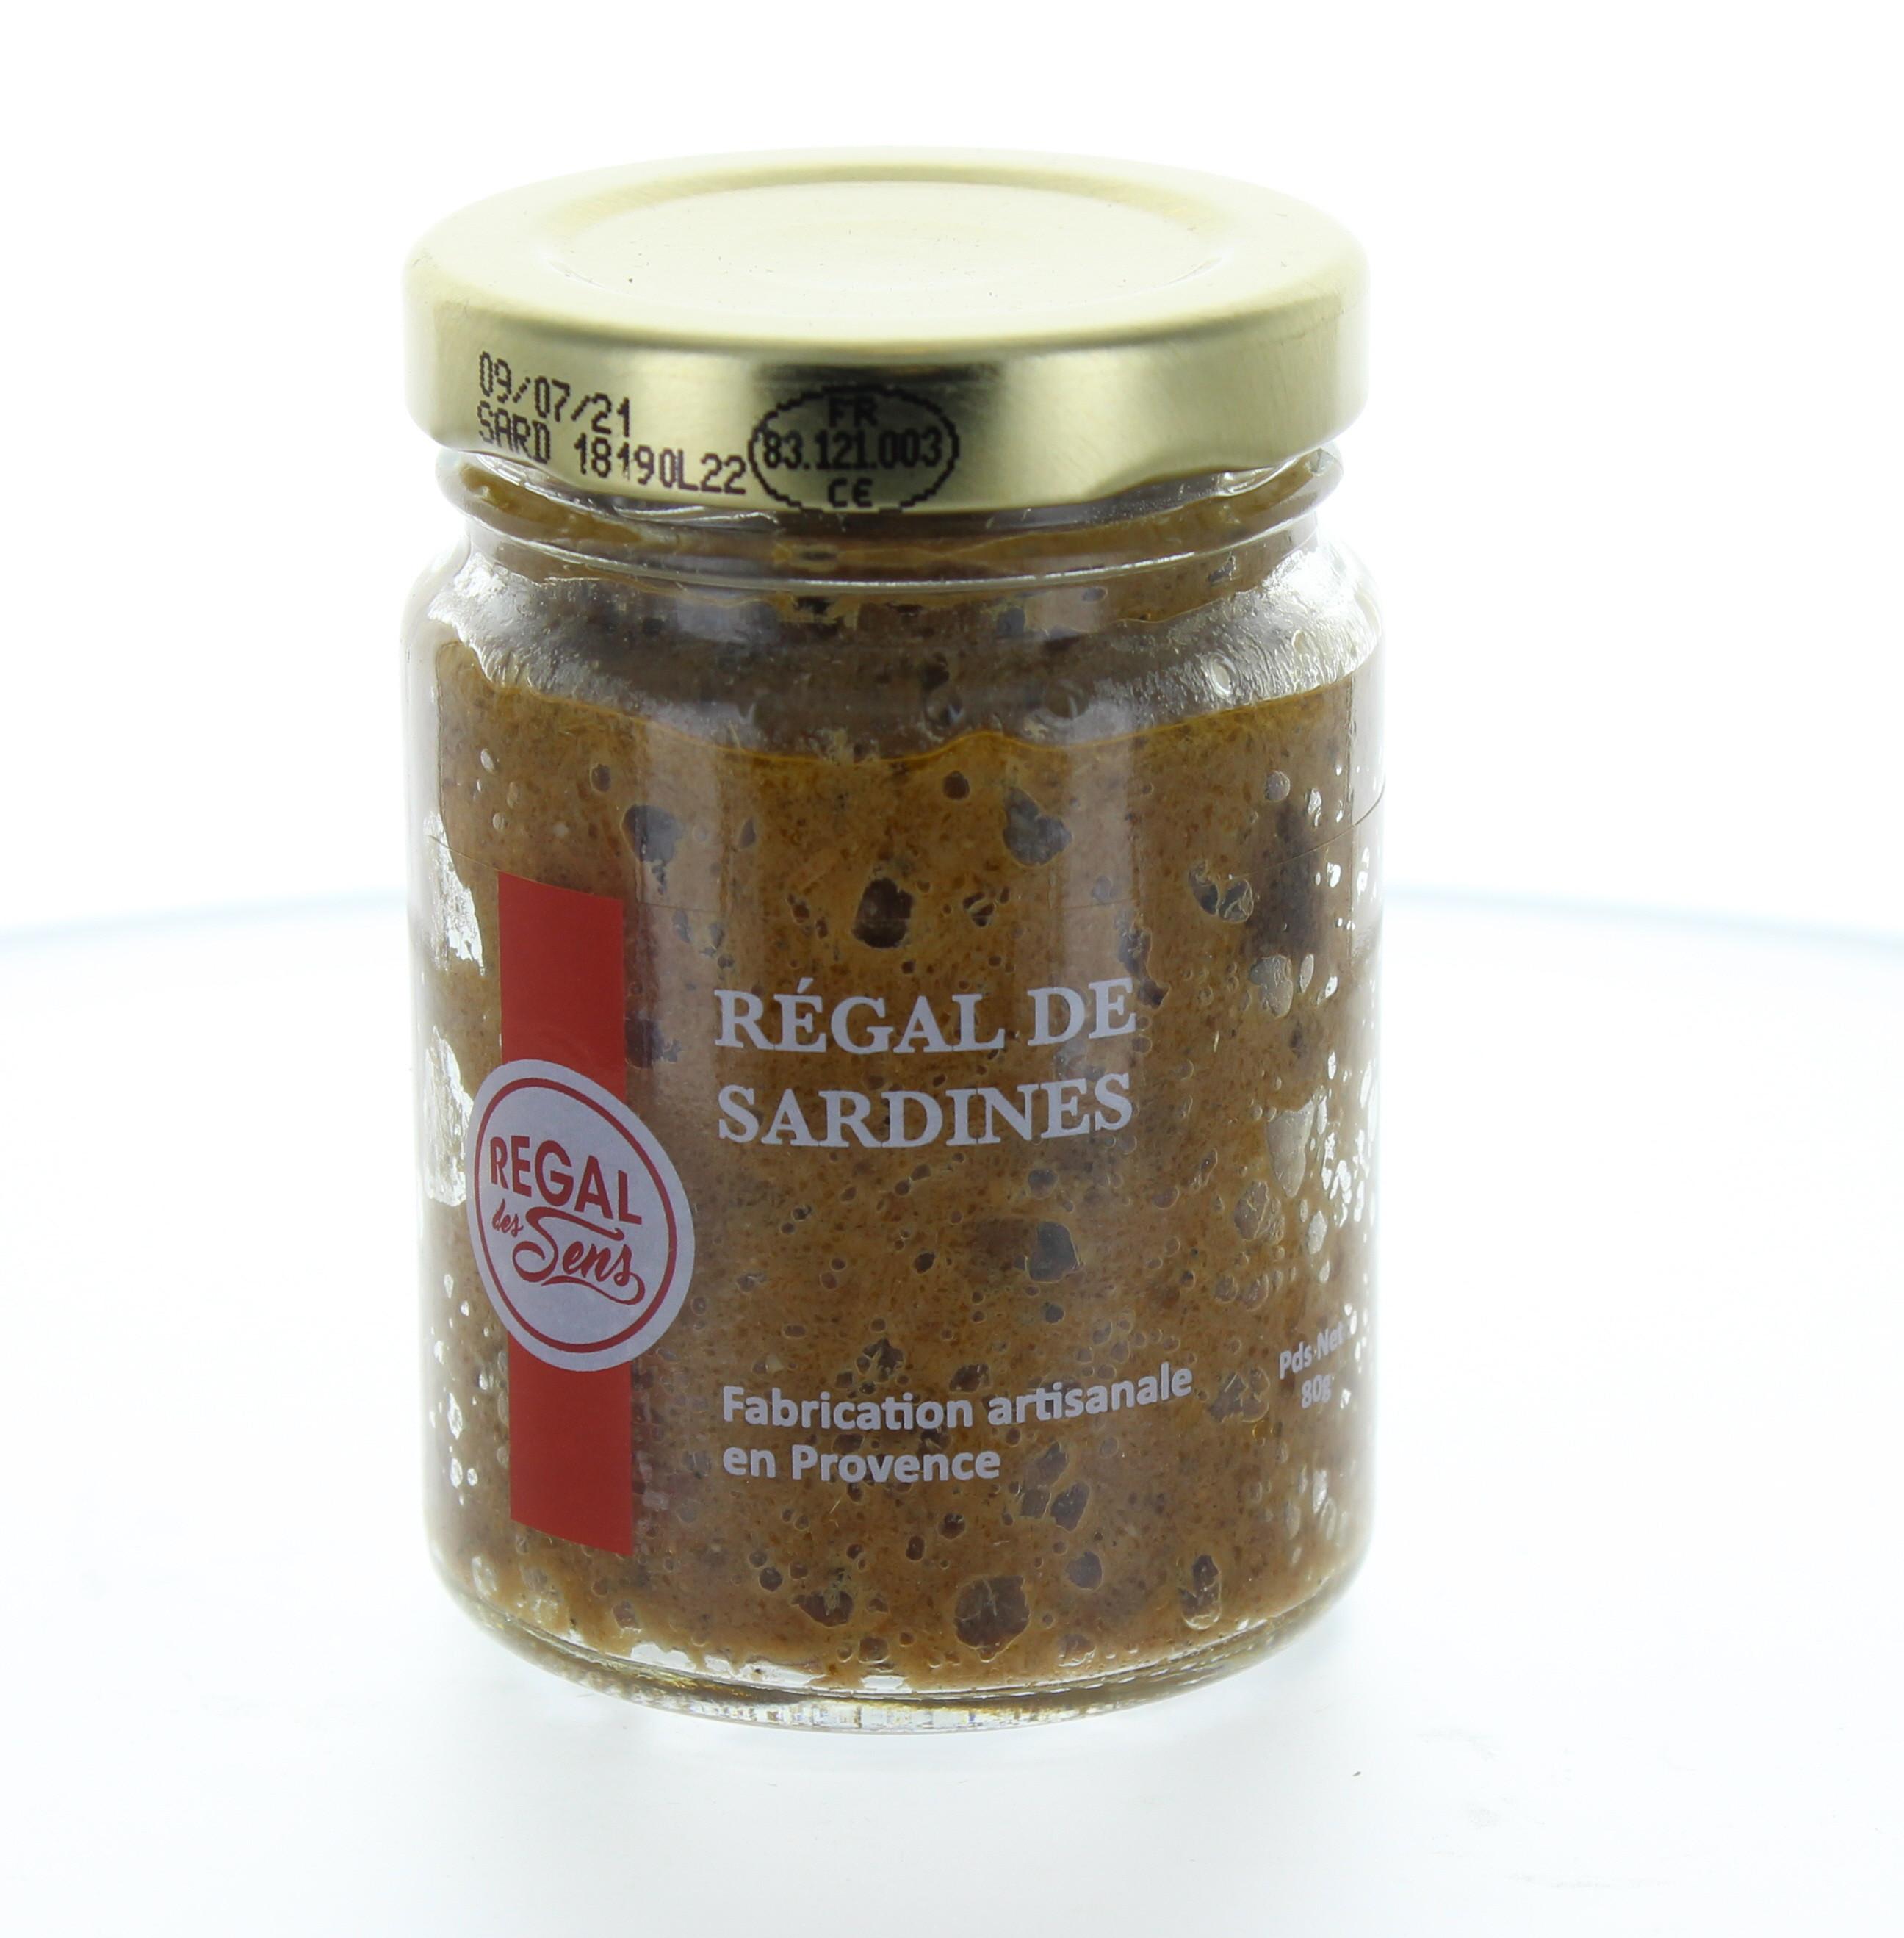 Régal de Sardines - Regal des Sens